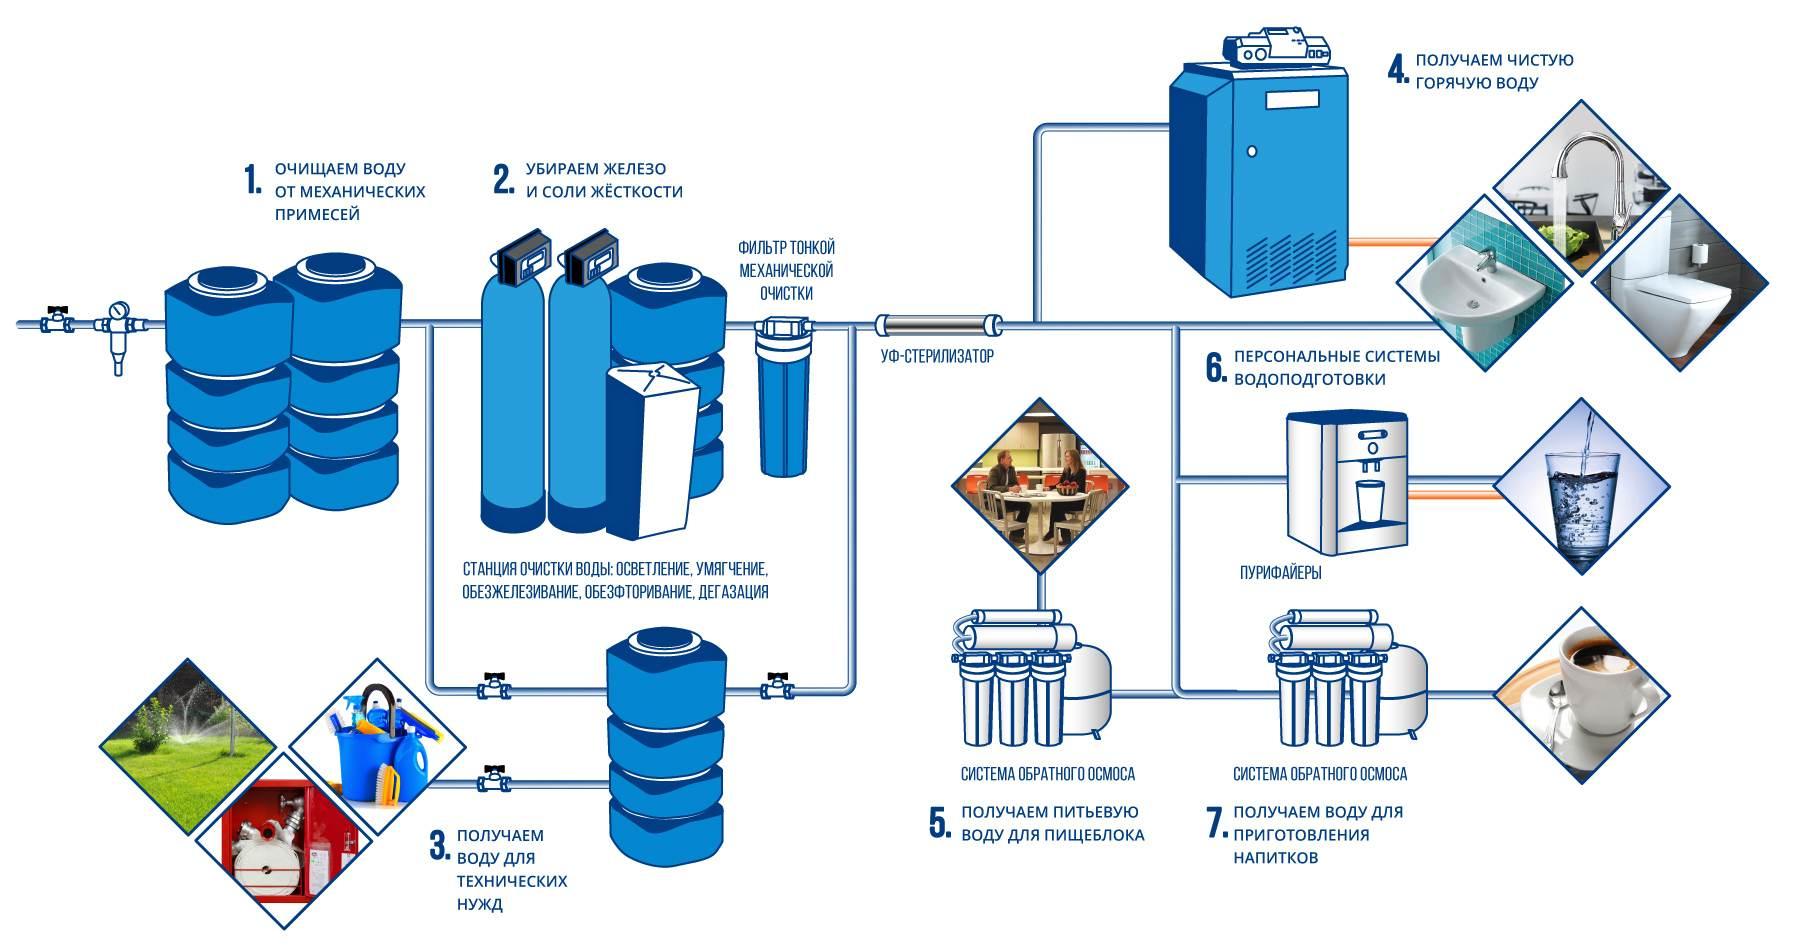 Схема водоснабжения и водоподготовки зданий